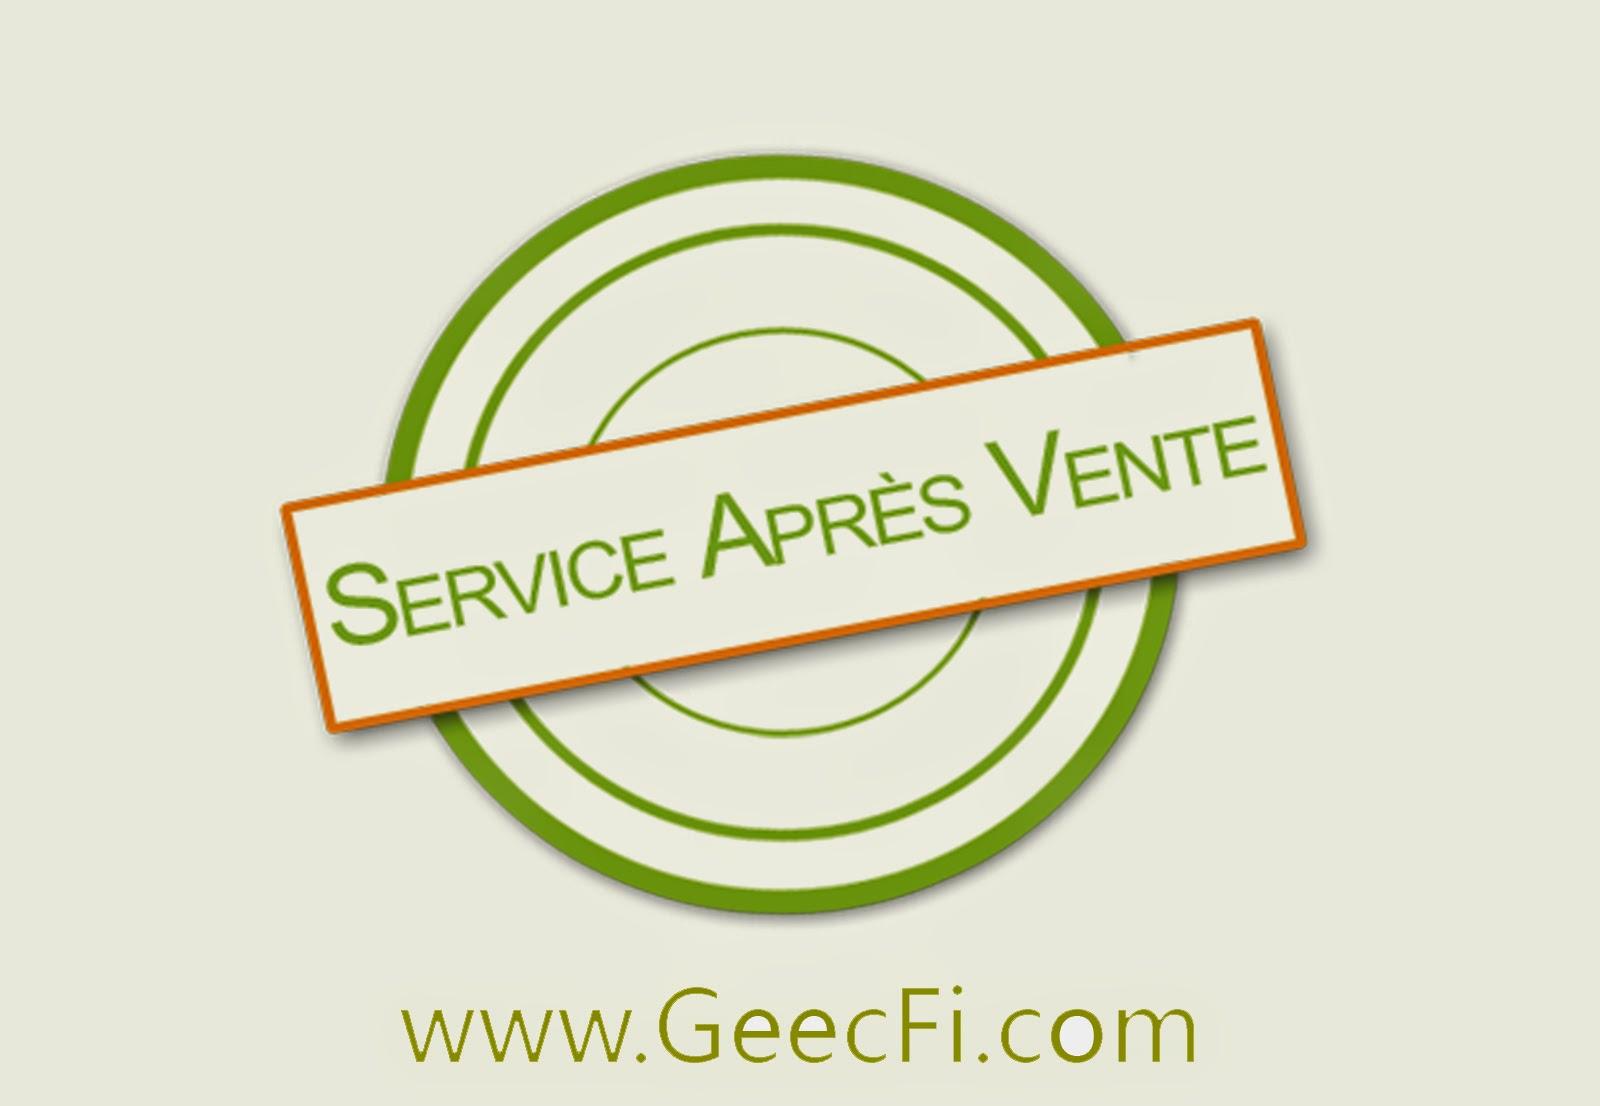 Le service après-vente (SAV)